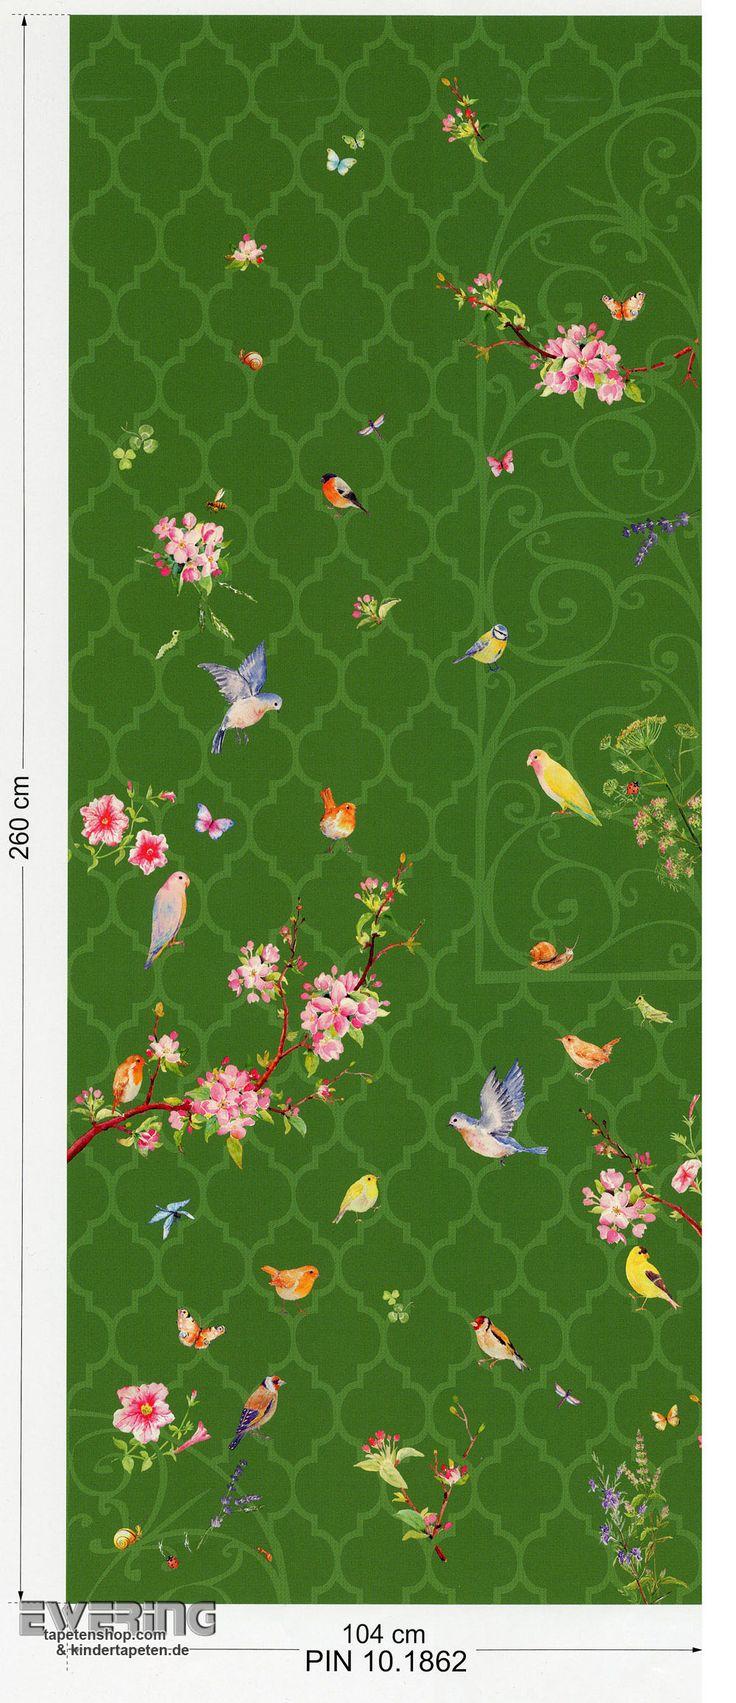 Tapetenshop.com | 6-47086 Zuhause Wohnen 4 Marburg Panel grasgrün Natur links Vlies | Tapeten, Borten und Gardinen günstig kaufen - Rasch, Rasch Textil, AS-Creation, Marburg, Erismann, Essener